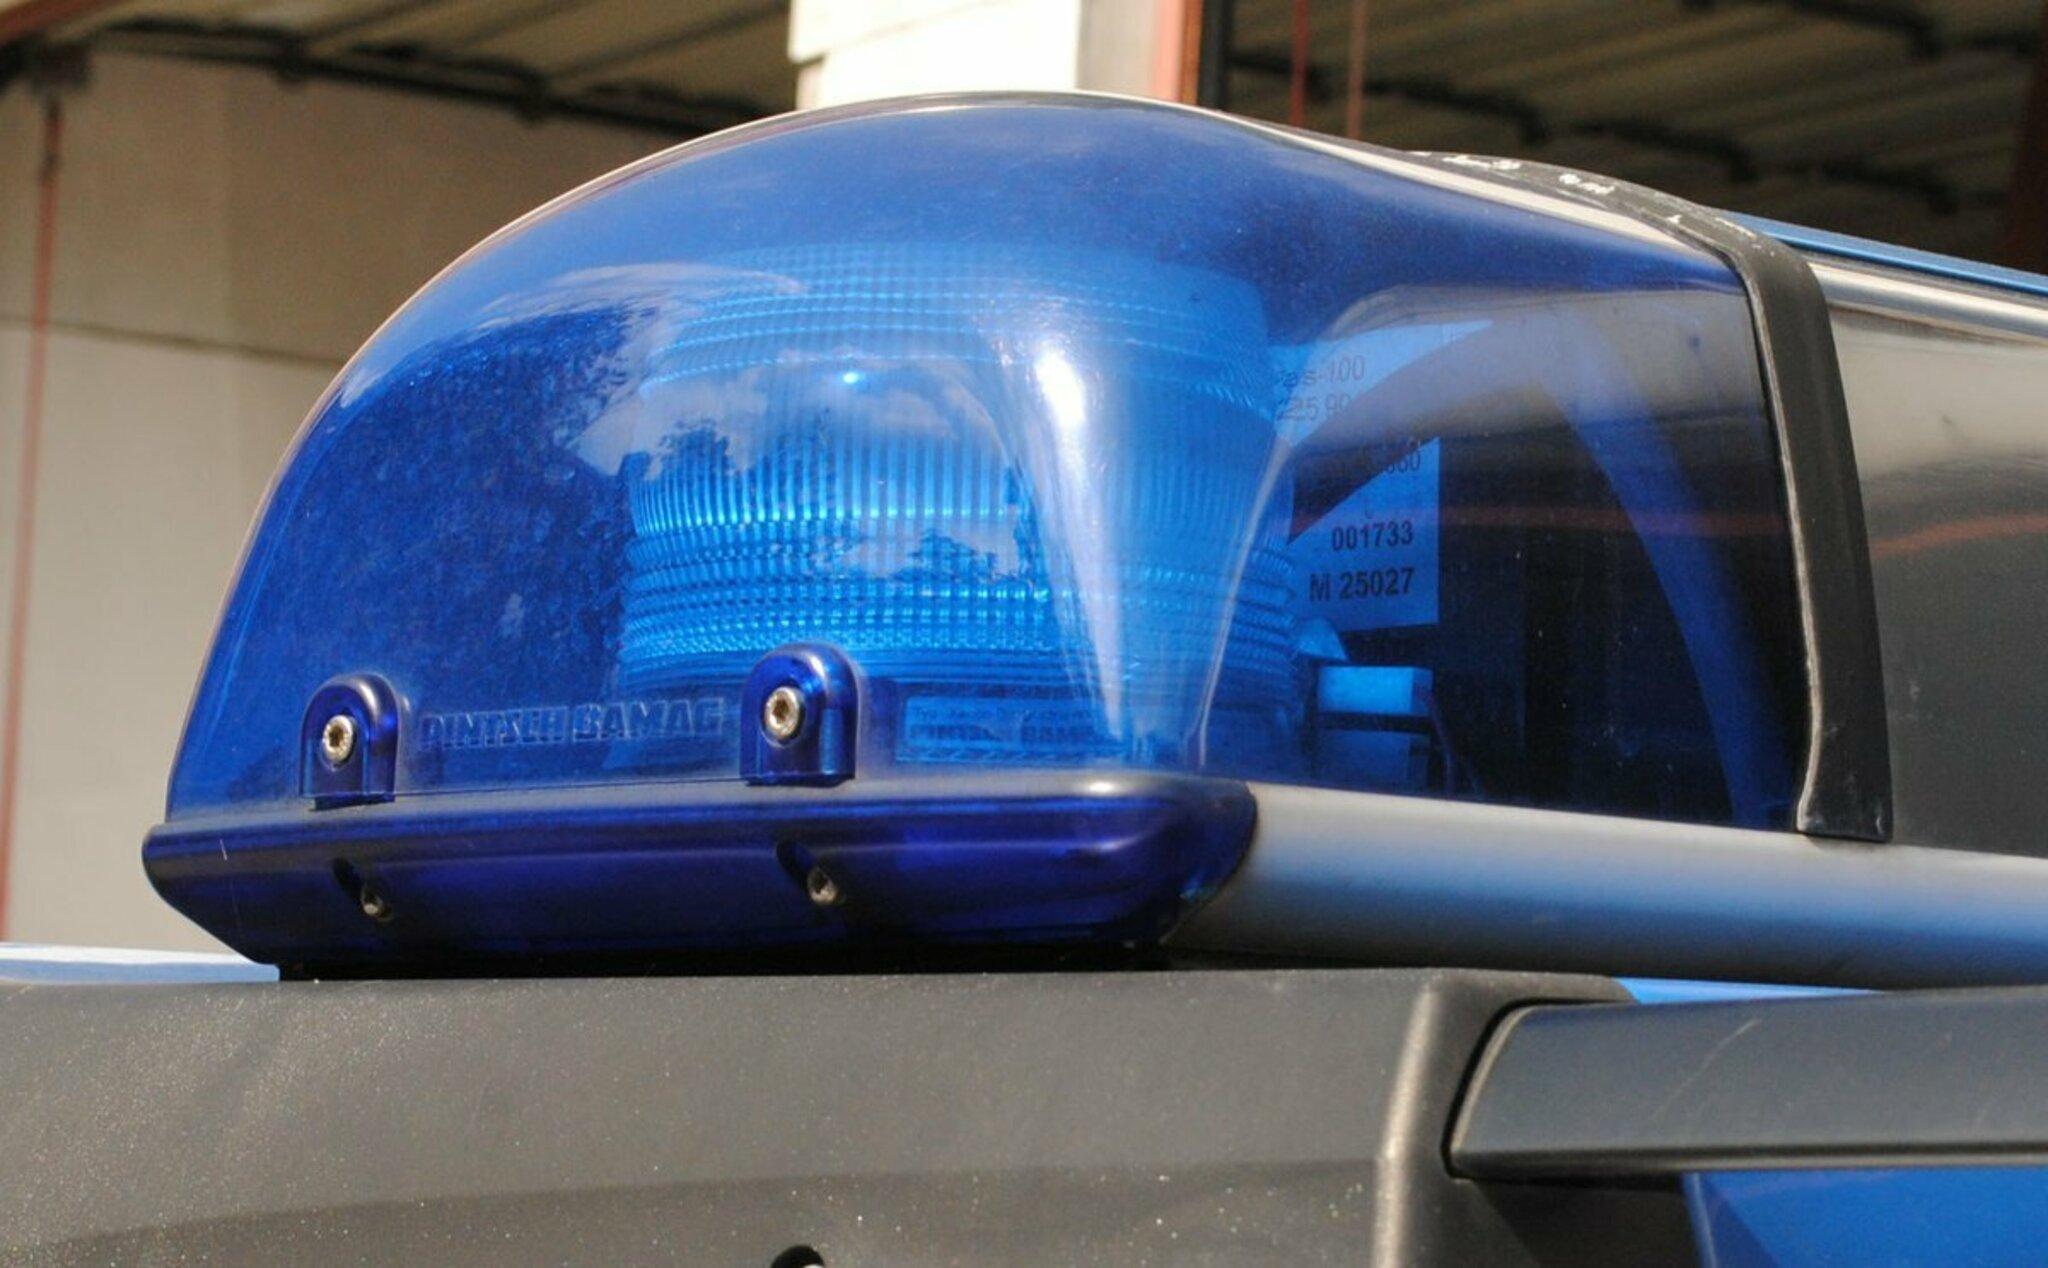 Junger Autofahrer wurde schwer verletzt                                                                  Unfall mit 1,65 Promille gebaut